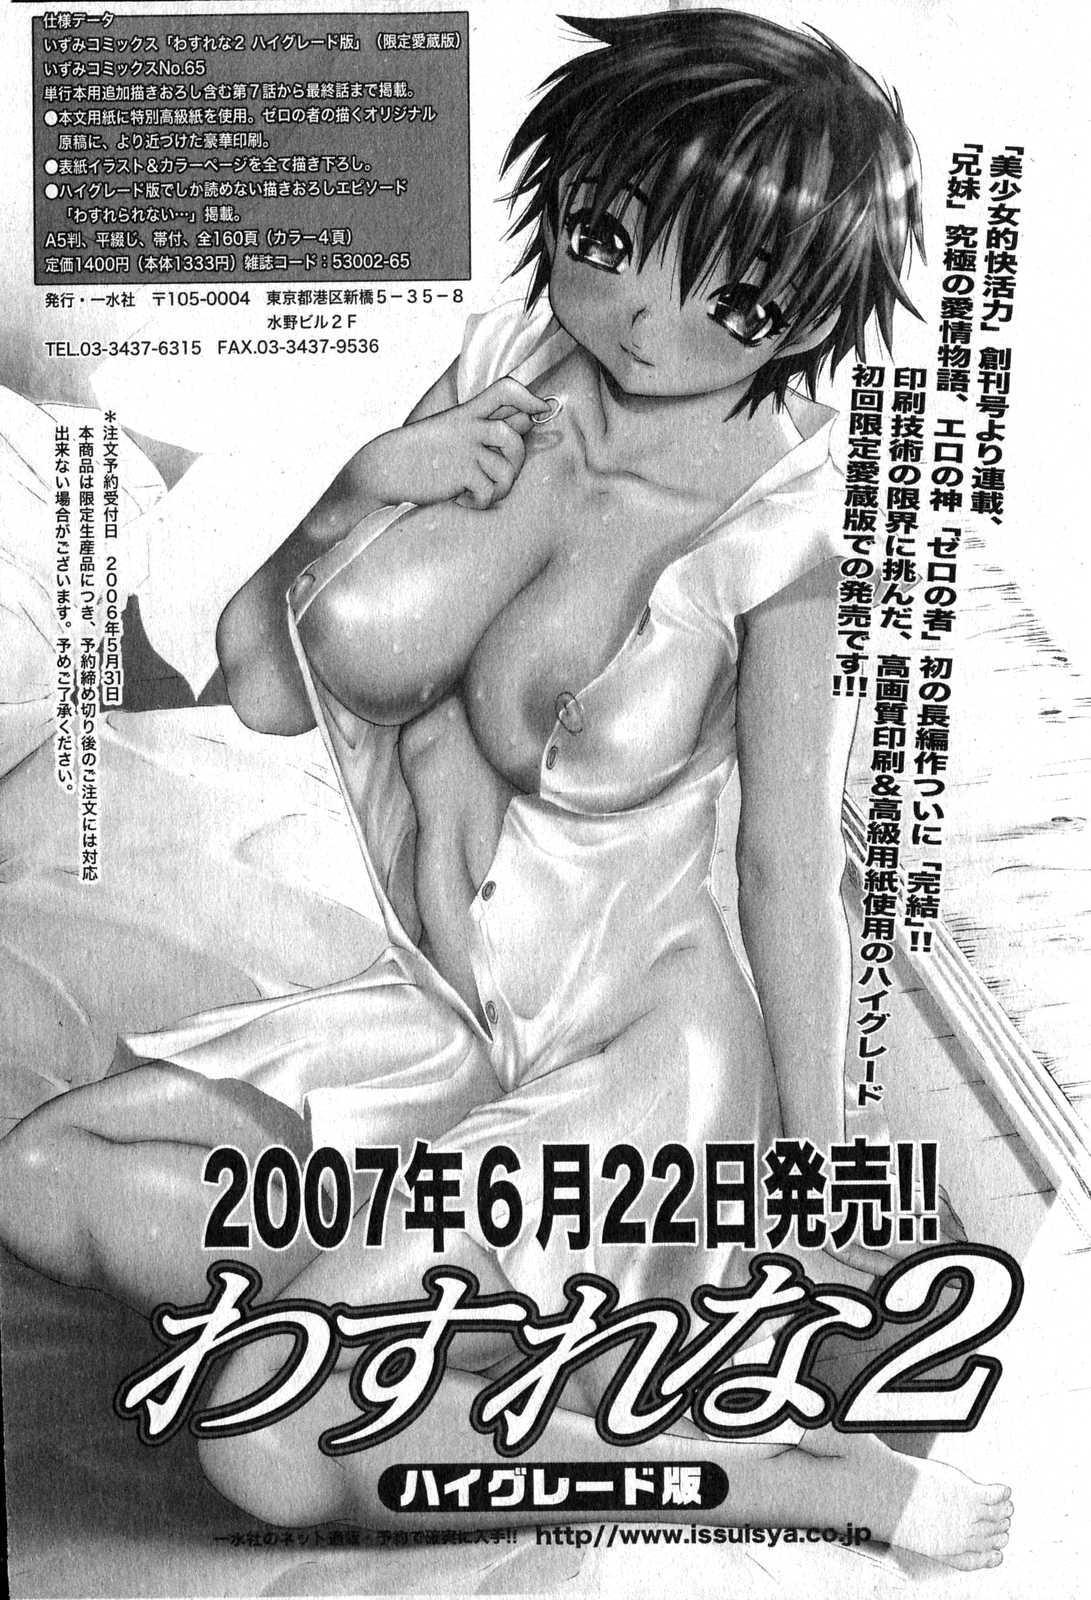 Bishoujo Teki Kaikatsu Ryoku 2007 Vol.15 192